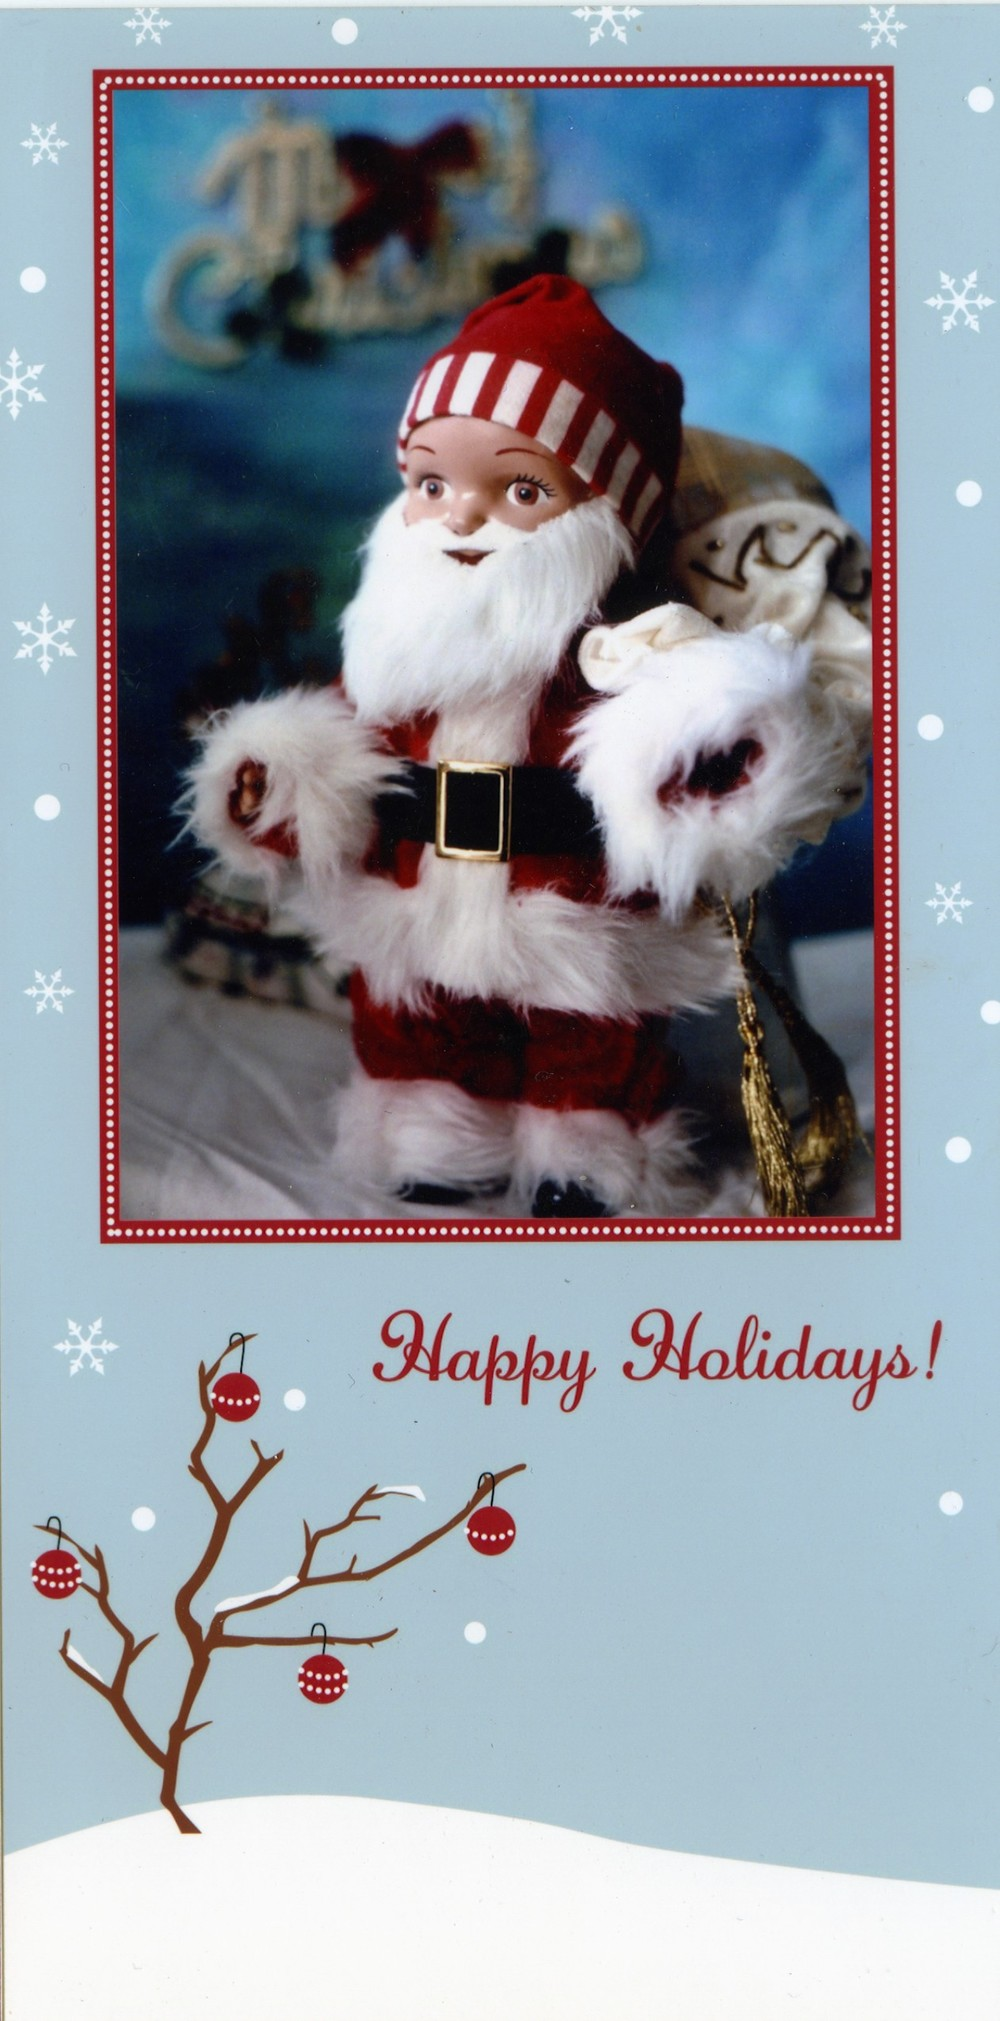 Buddy Ian Christmas 2007